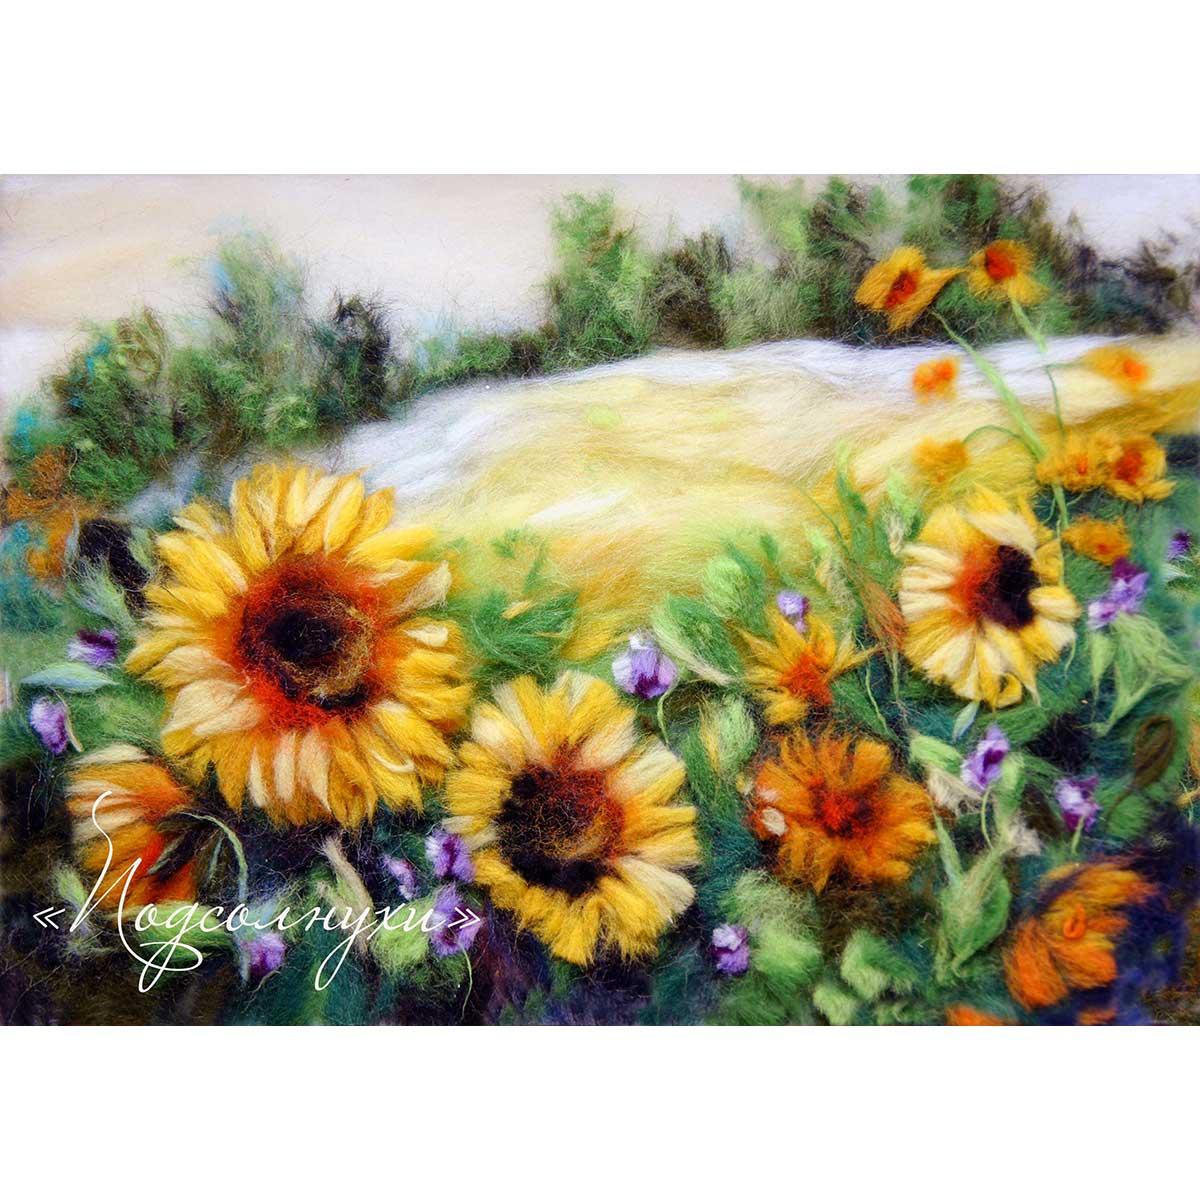 Набор для валяния (живопись цветной шерстью) 'Подсолнухи' 21x29,7см (А4)